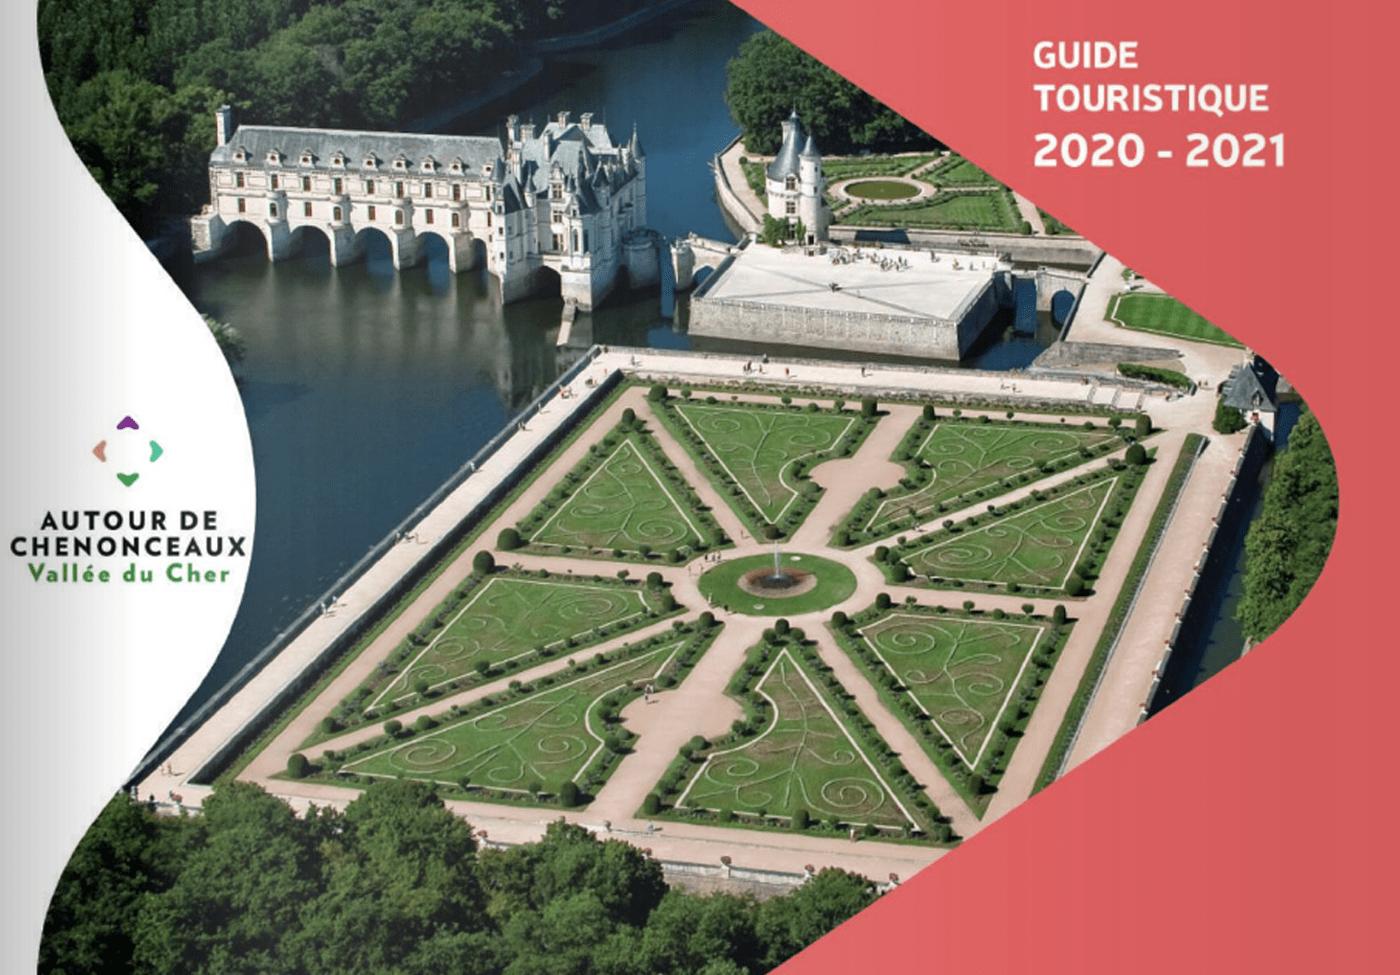 Guide touristique autour de Chenonceaux